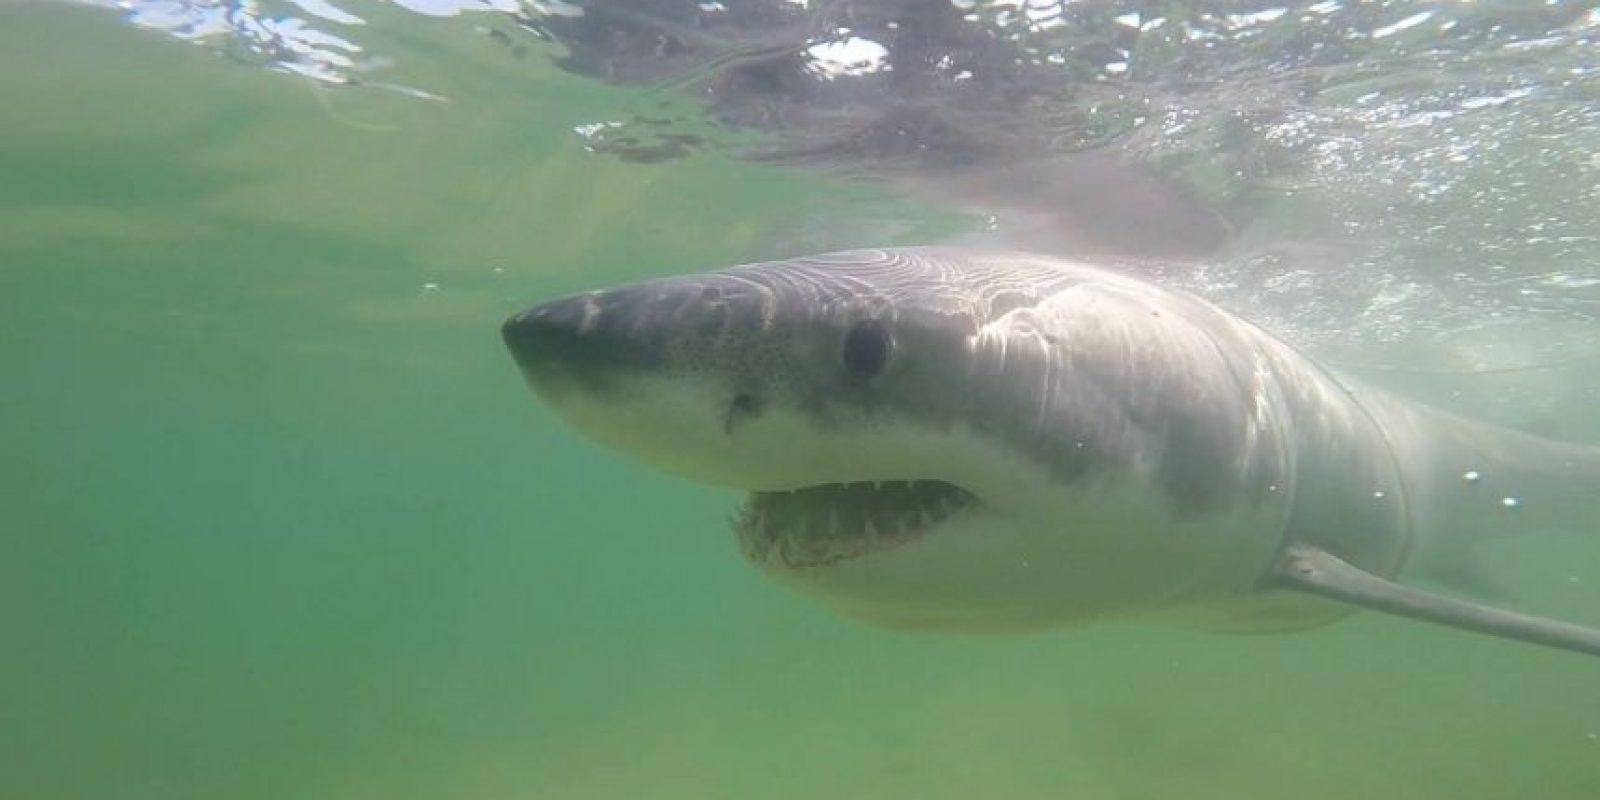 El tiburón llegó por accidente en la playa de Chatham. Foto:Vía facebook.com/atlanticwhiteshark